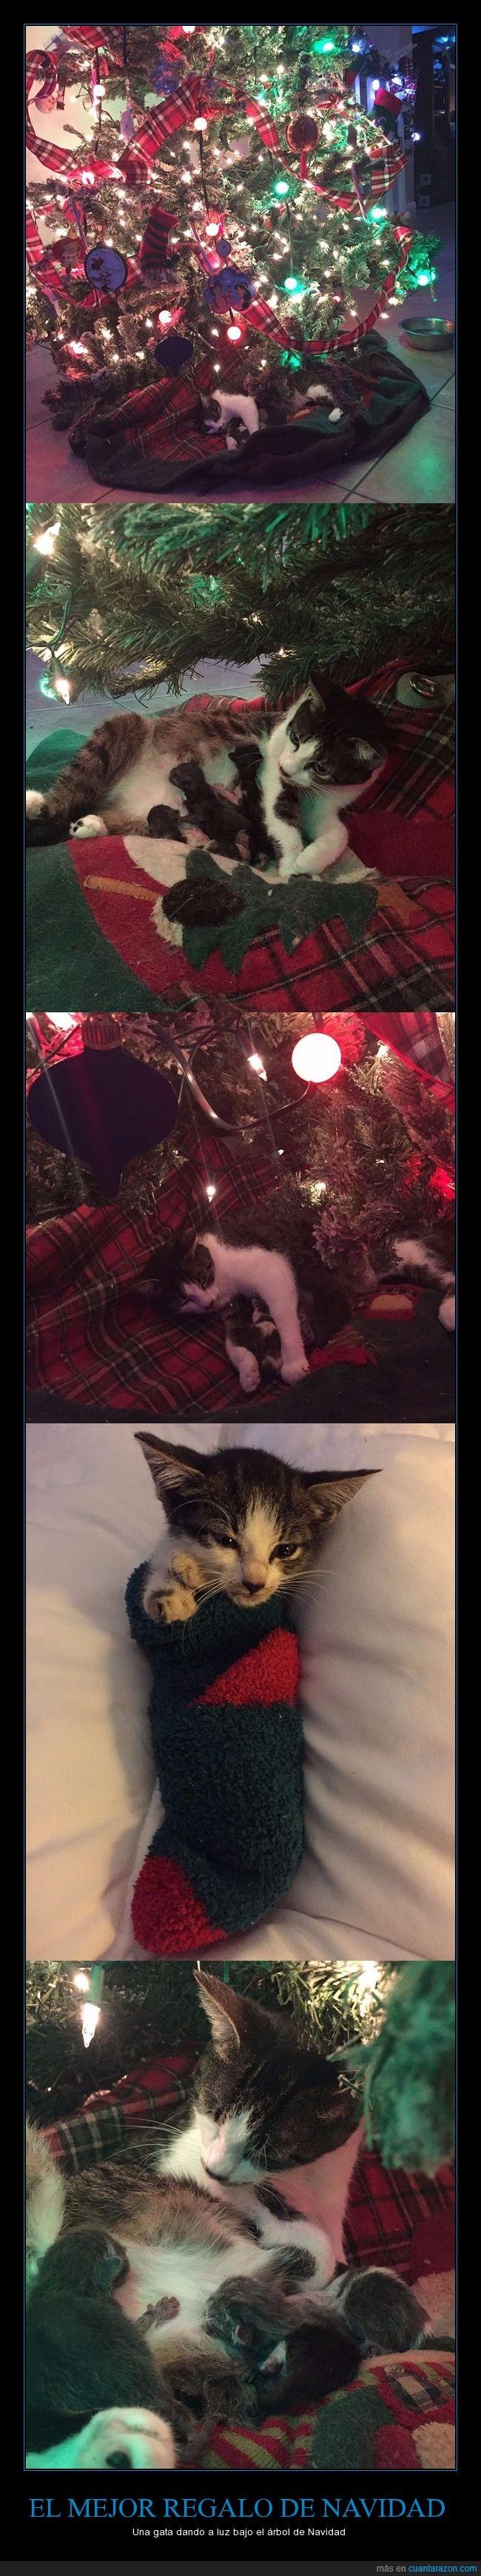 árbol de navidad,embarazo,gata,gatitos,parir